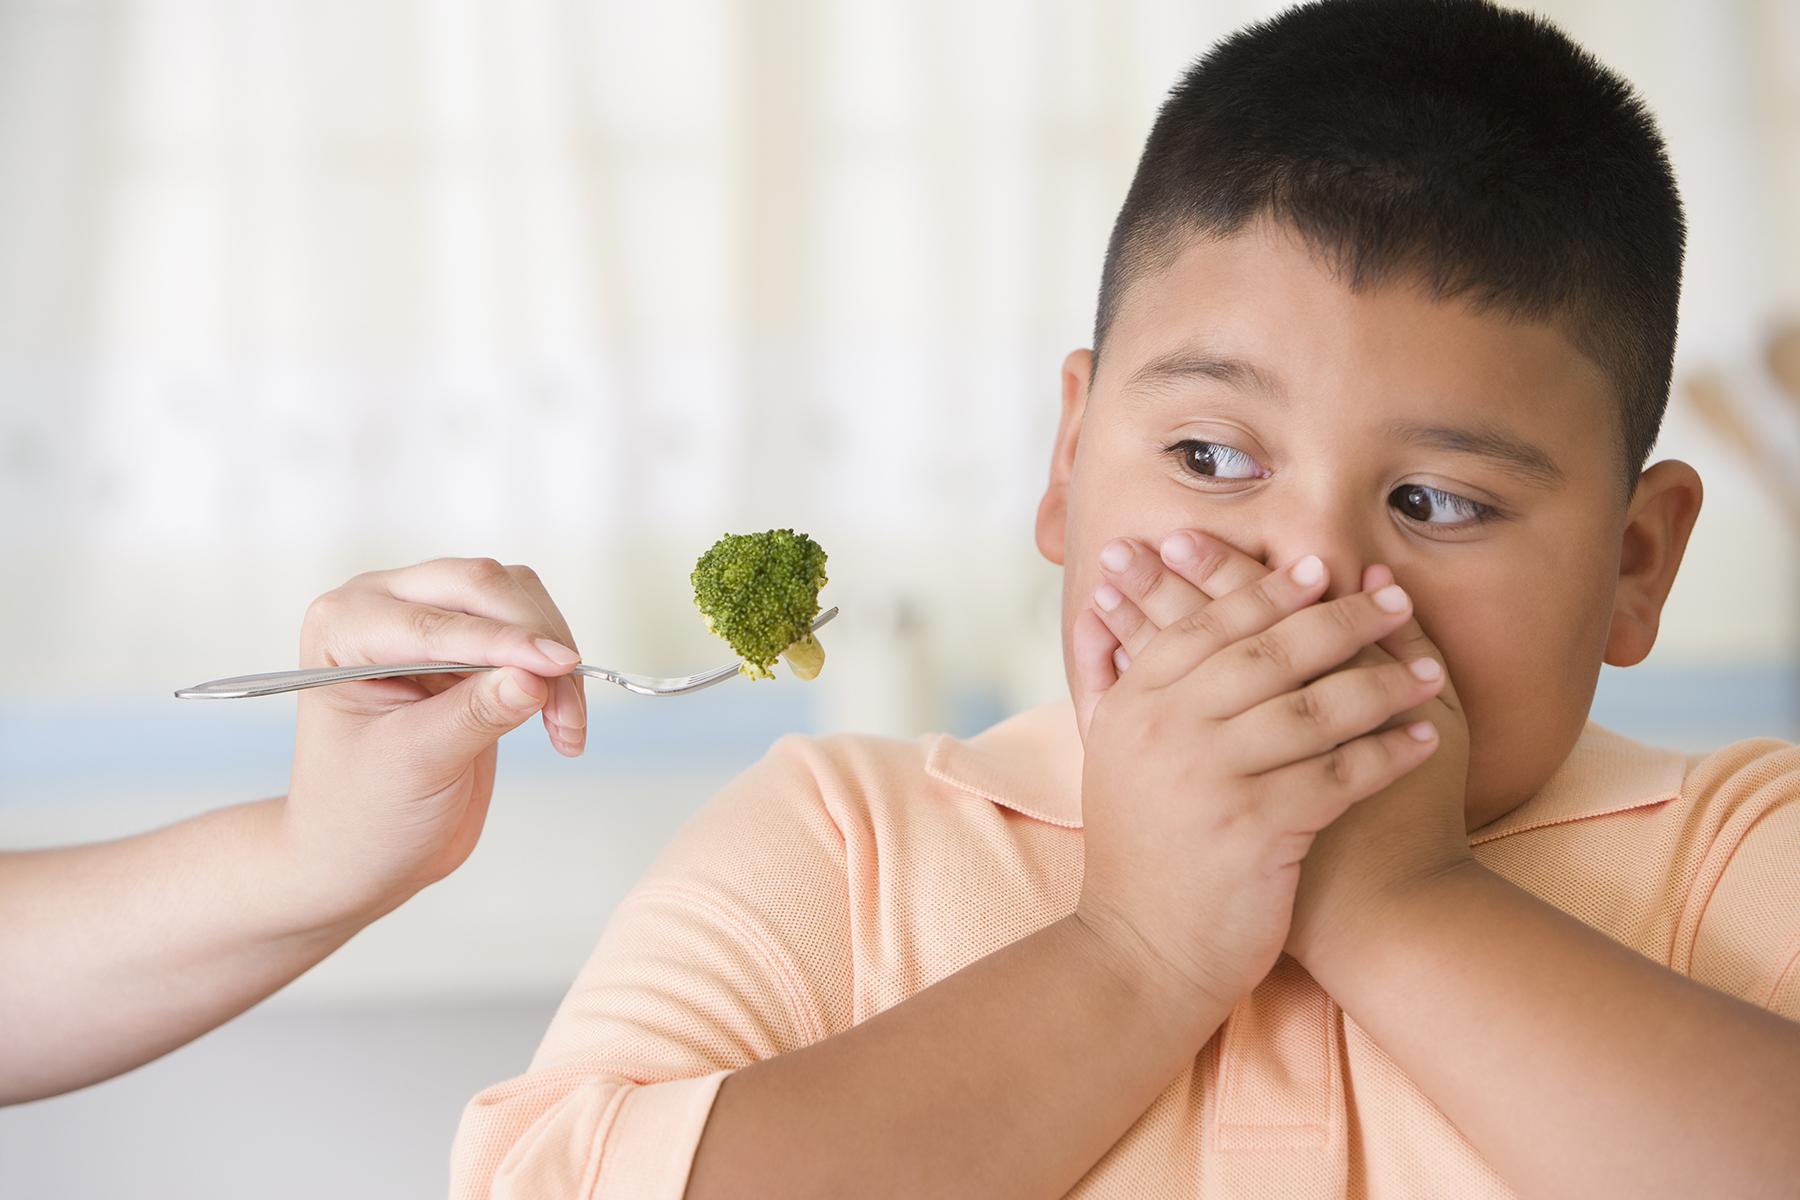 Béo phì ở trẻ có thể dẫn tới nhiều căn bệnh nguy hiểm về đường tim mạch, hô hấp, tiểu đường,... Ảnh minh họa: Internet